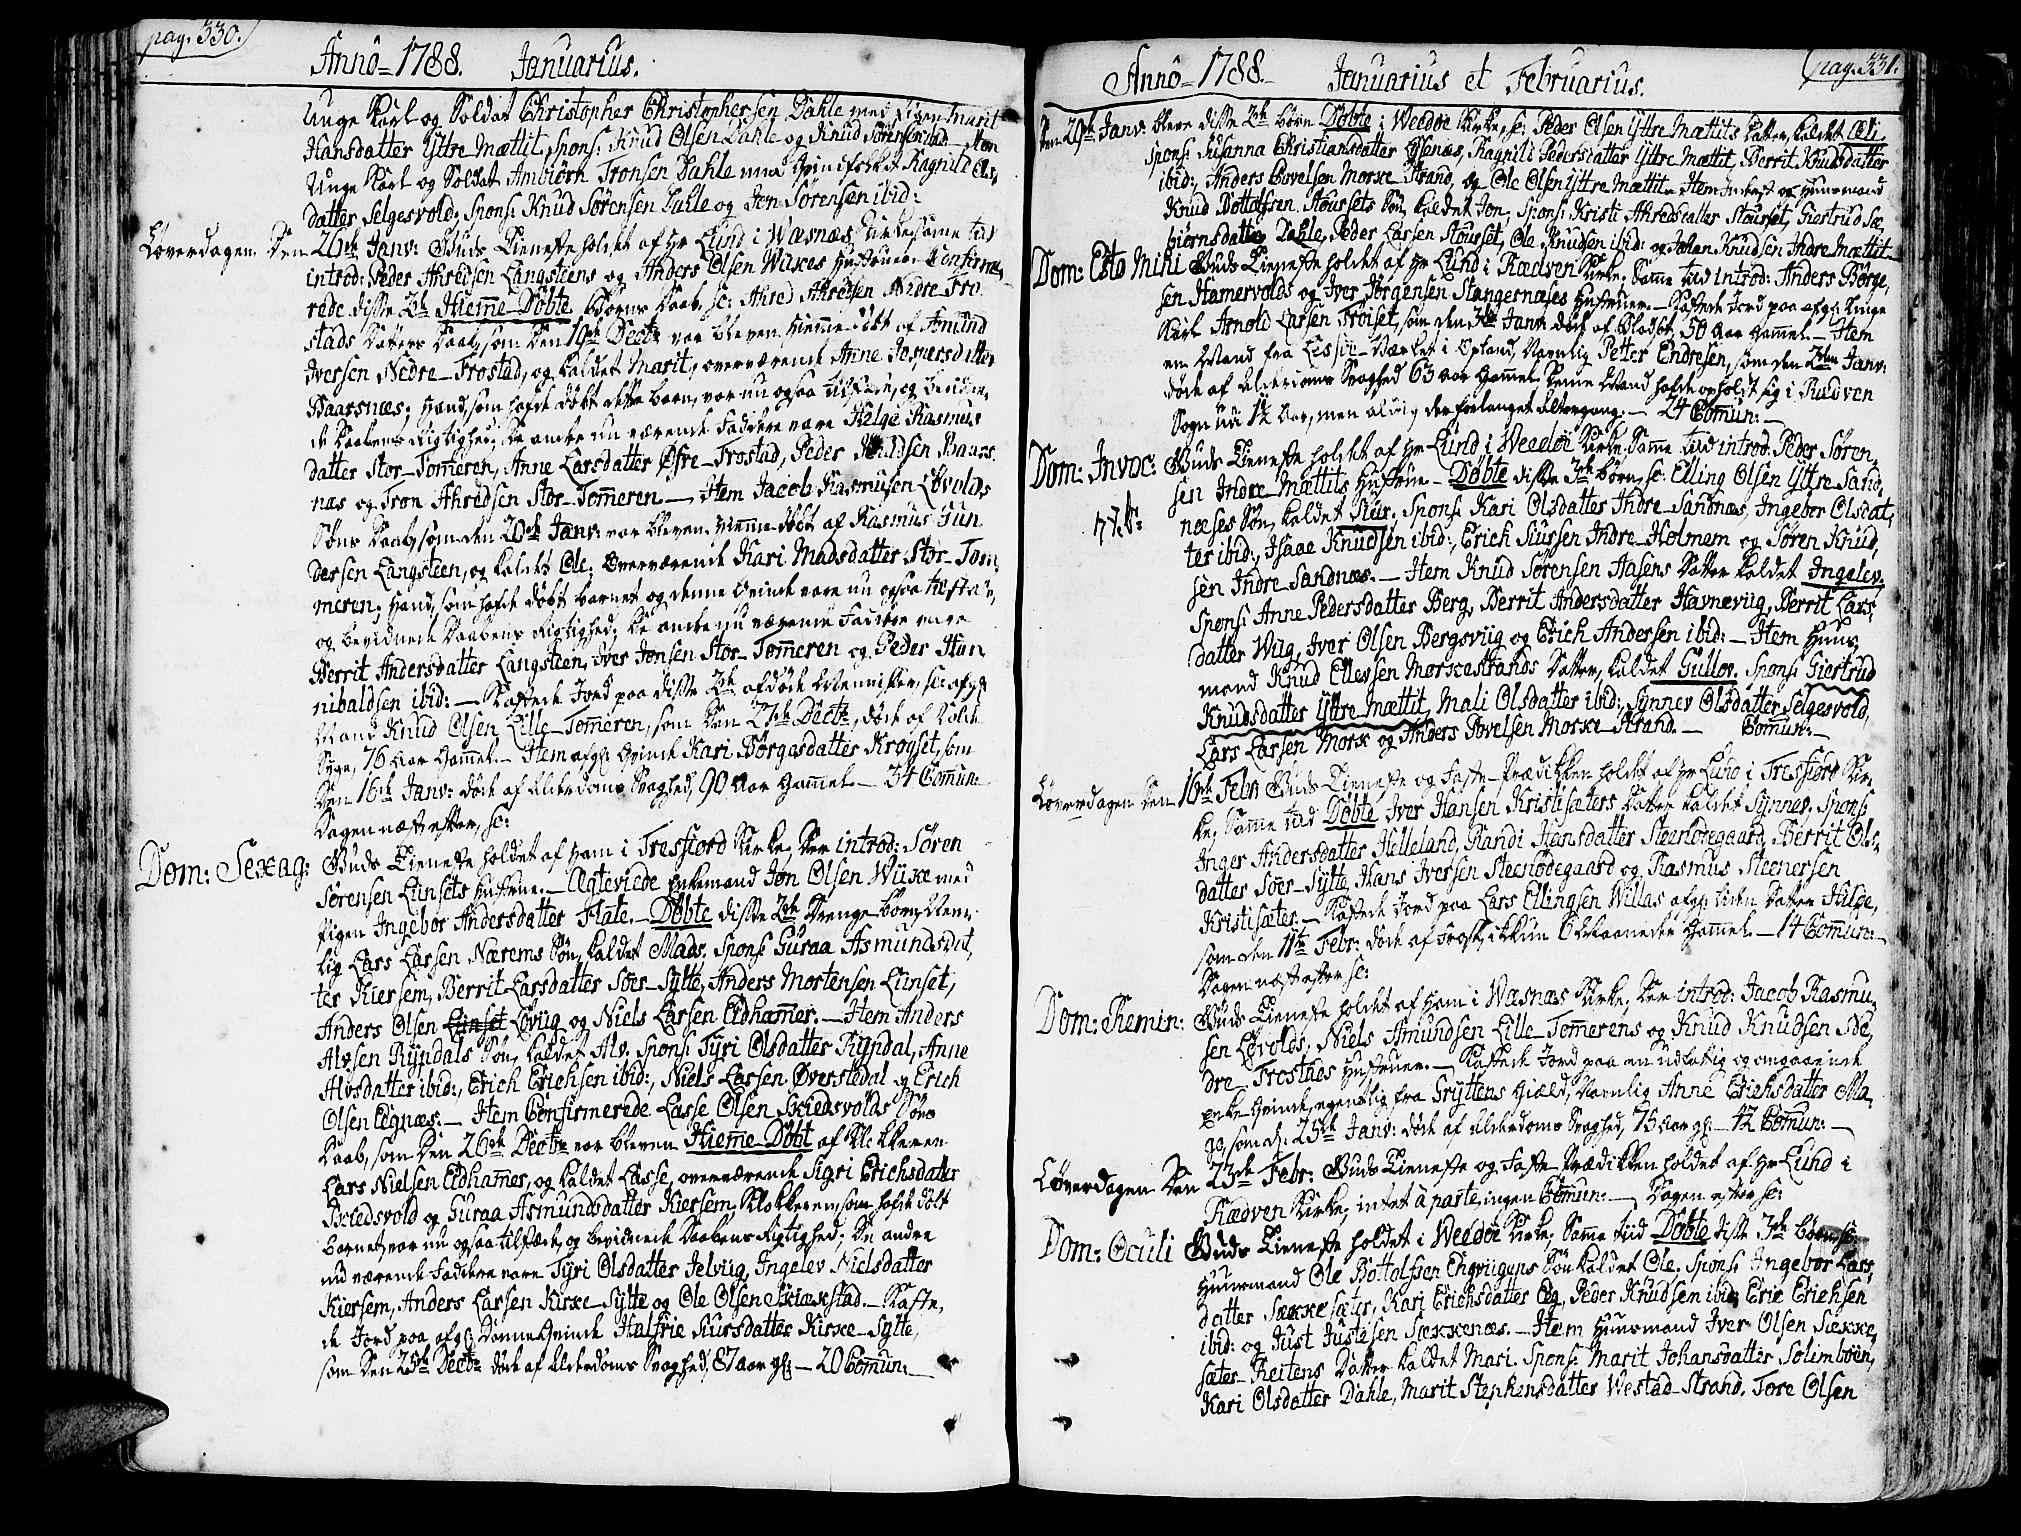 SAT, Ministerialprotokoller, klokkerbøker og fødselsregistre - Møre og Romsdal, 547/L0600: Ministerialbok nr. 547A02, 1765-1799, s. 330-331